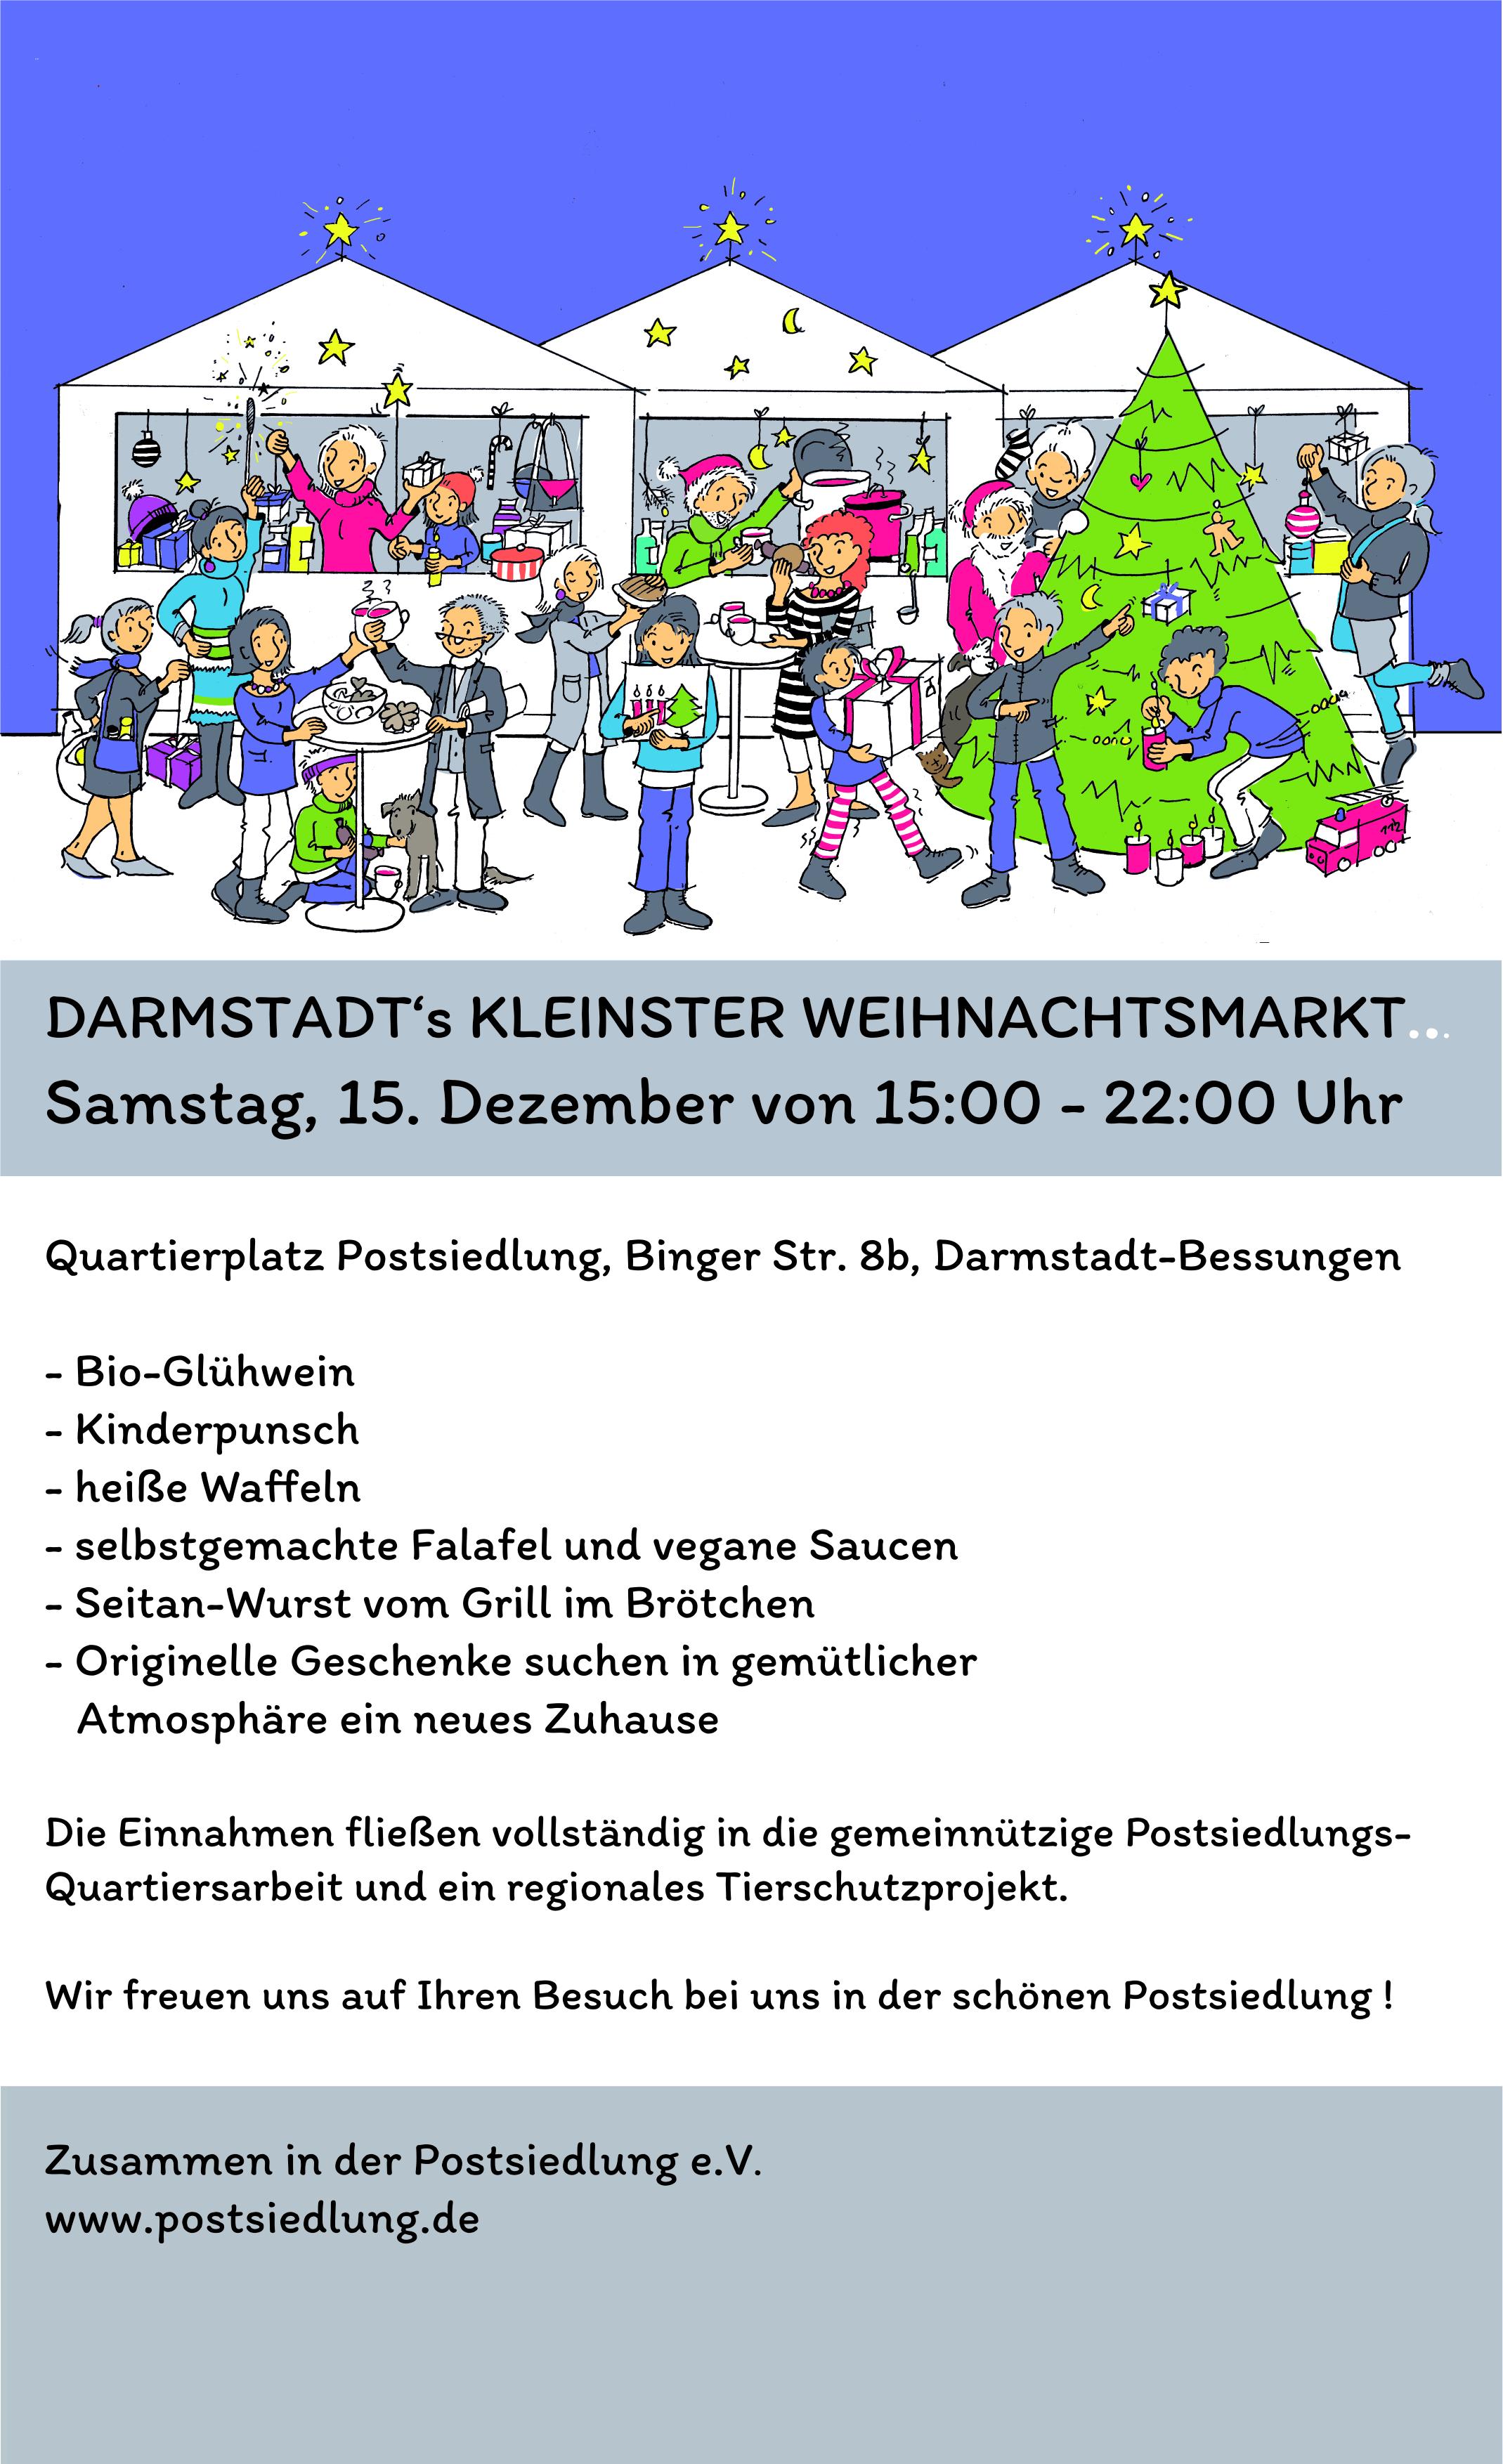 Am 15.12.2018 – Kleinster Weihnachtsmarkt Darmstadts auf dem Quartierplatz!